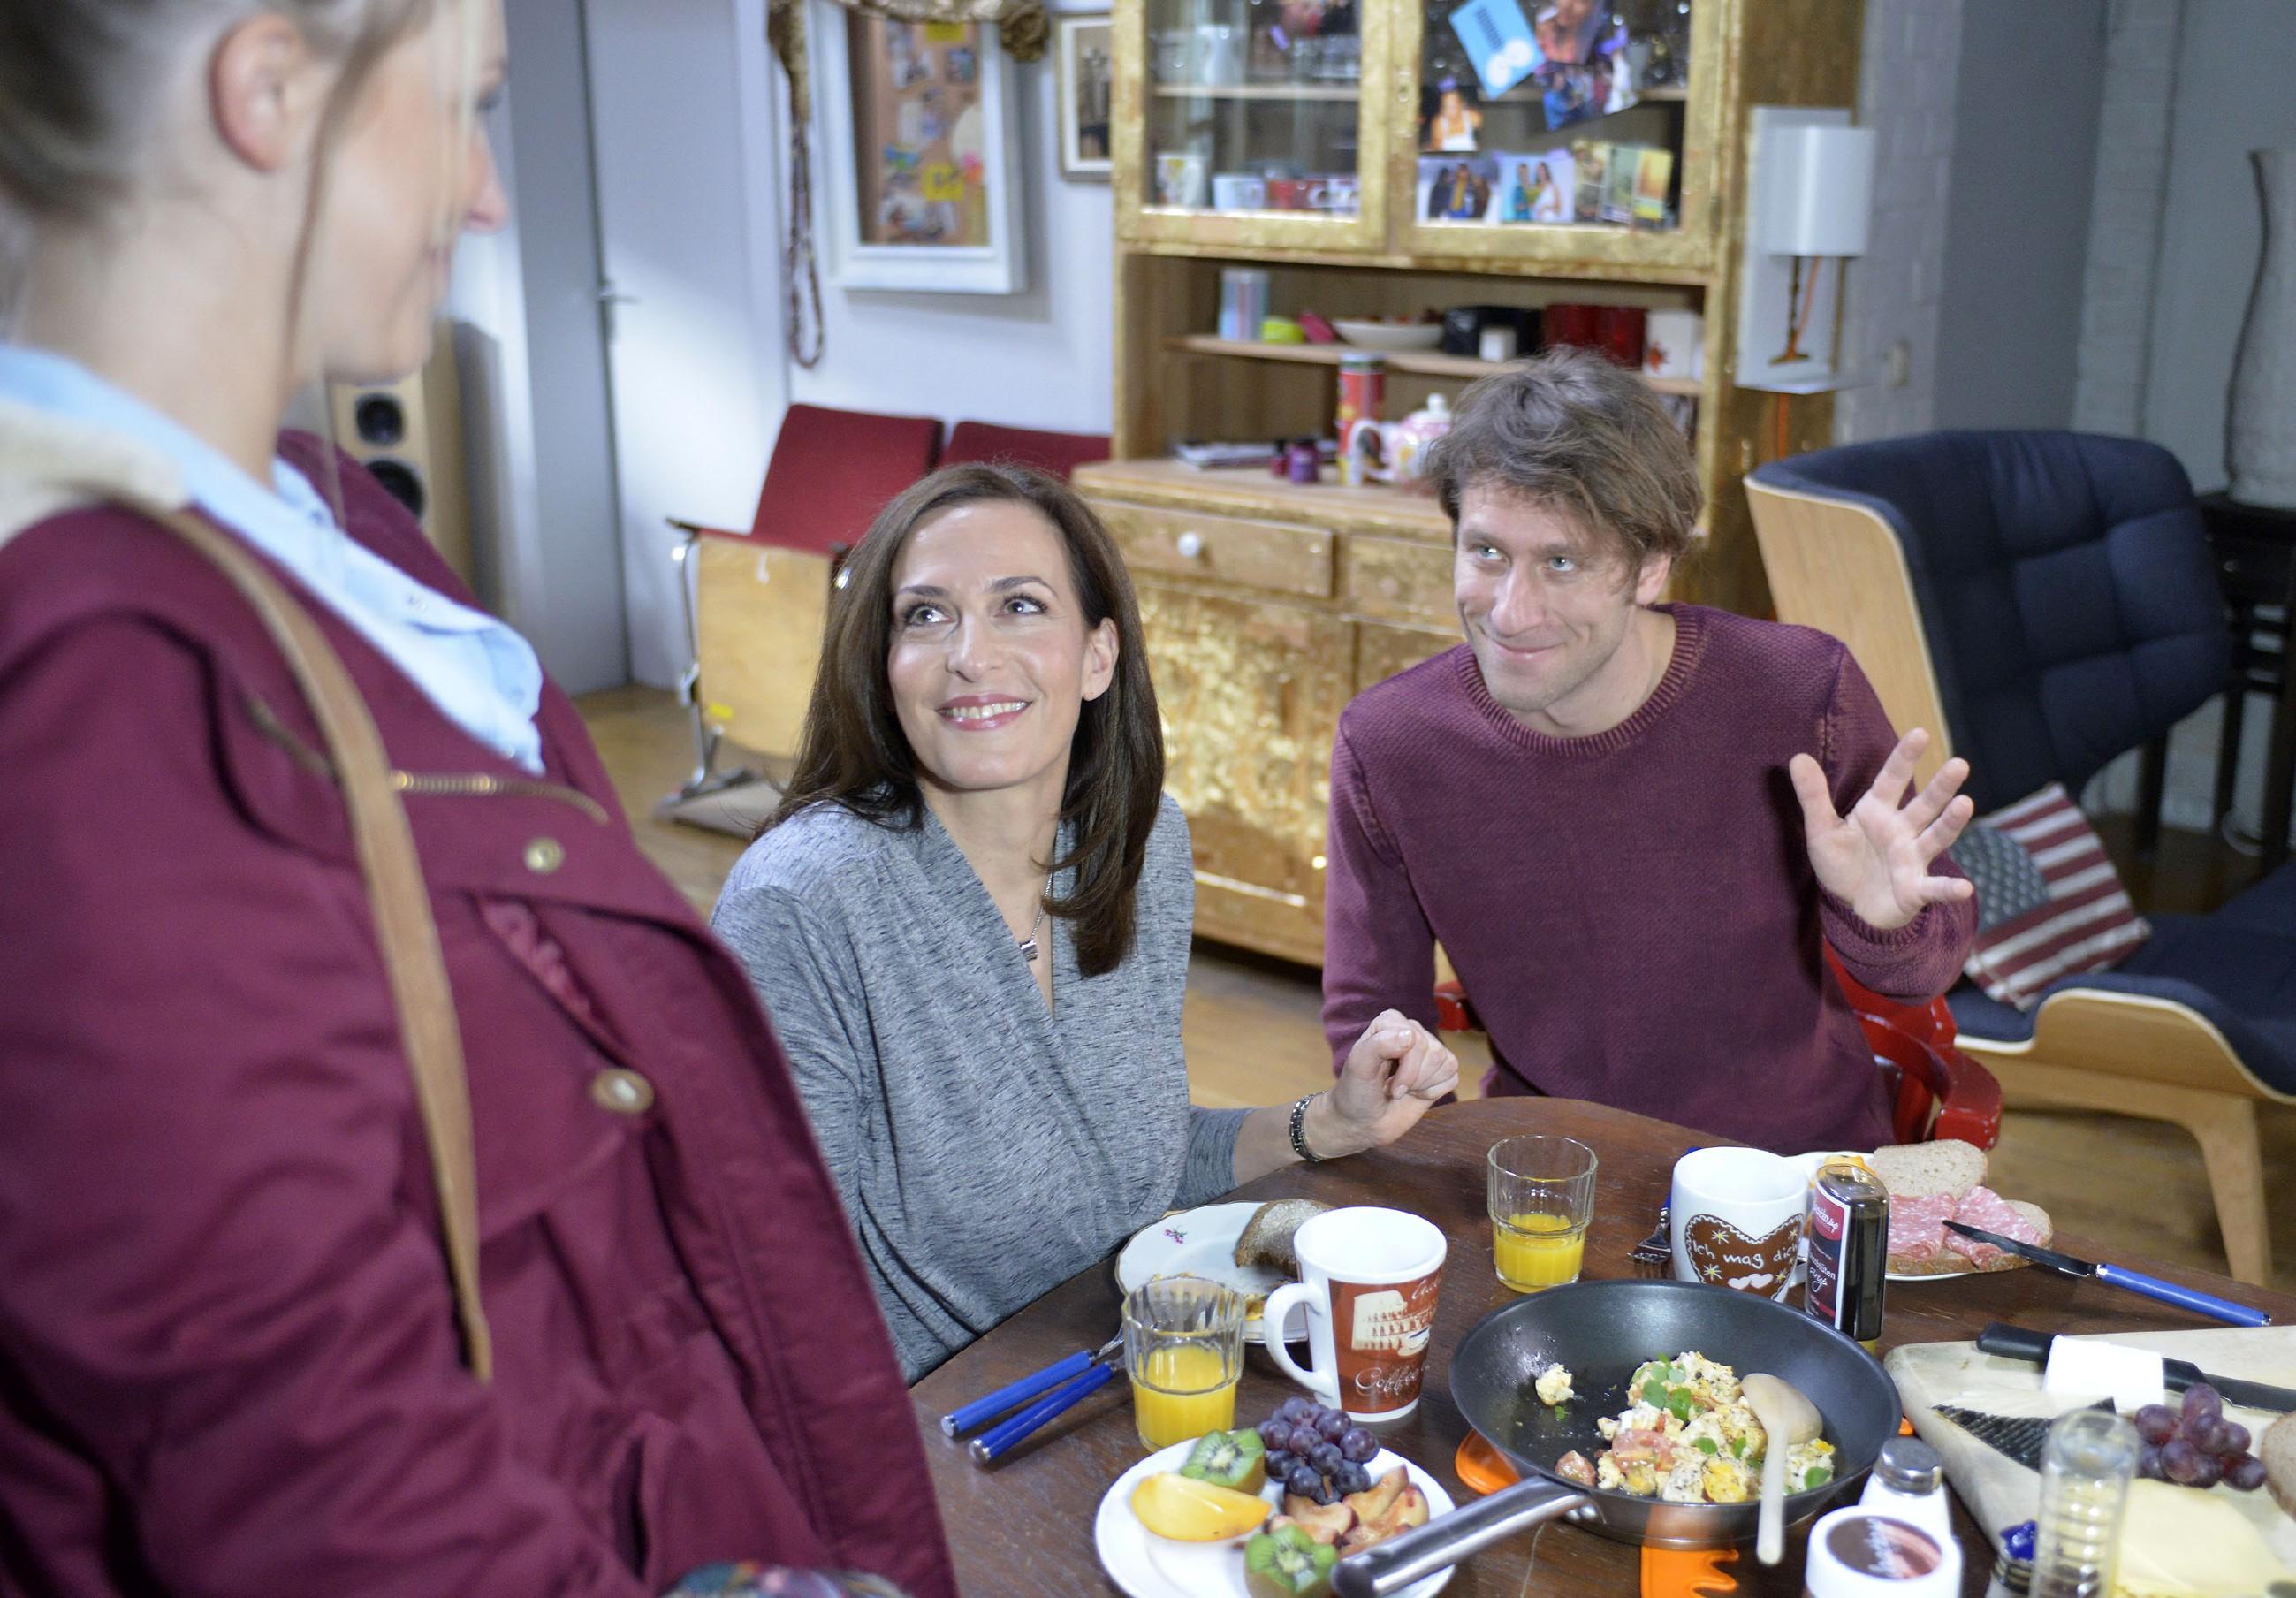 Lilly (Iris Mareike Steen, l.) freut sich mit Katrin (Ulrike Frank) und Till (Merlin Leonhardt), dessen Experiment mit dem Rheuma-Medikament zu funktionieren scheint. (Quelle: RTL / Rolf Baumgartner)